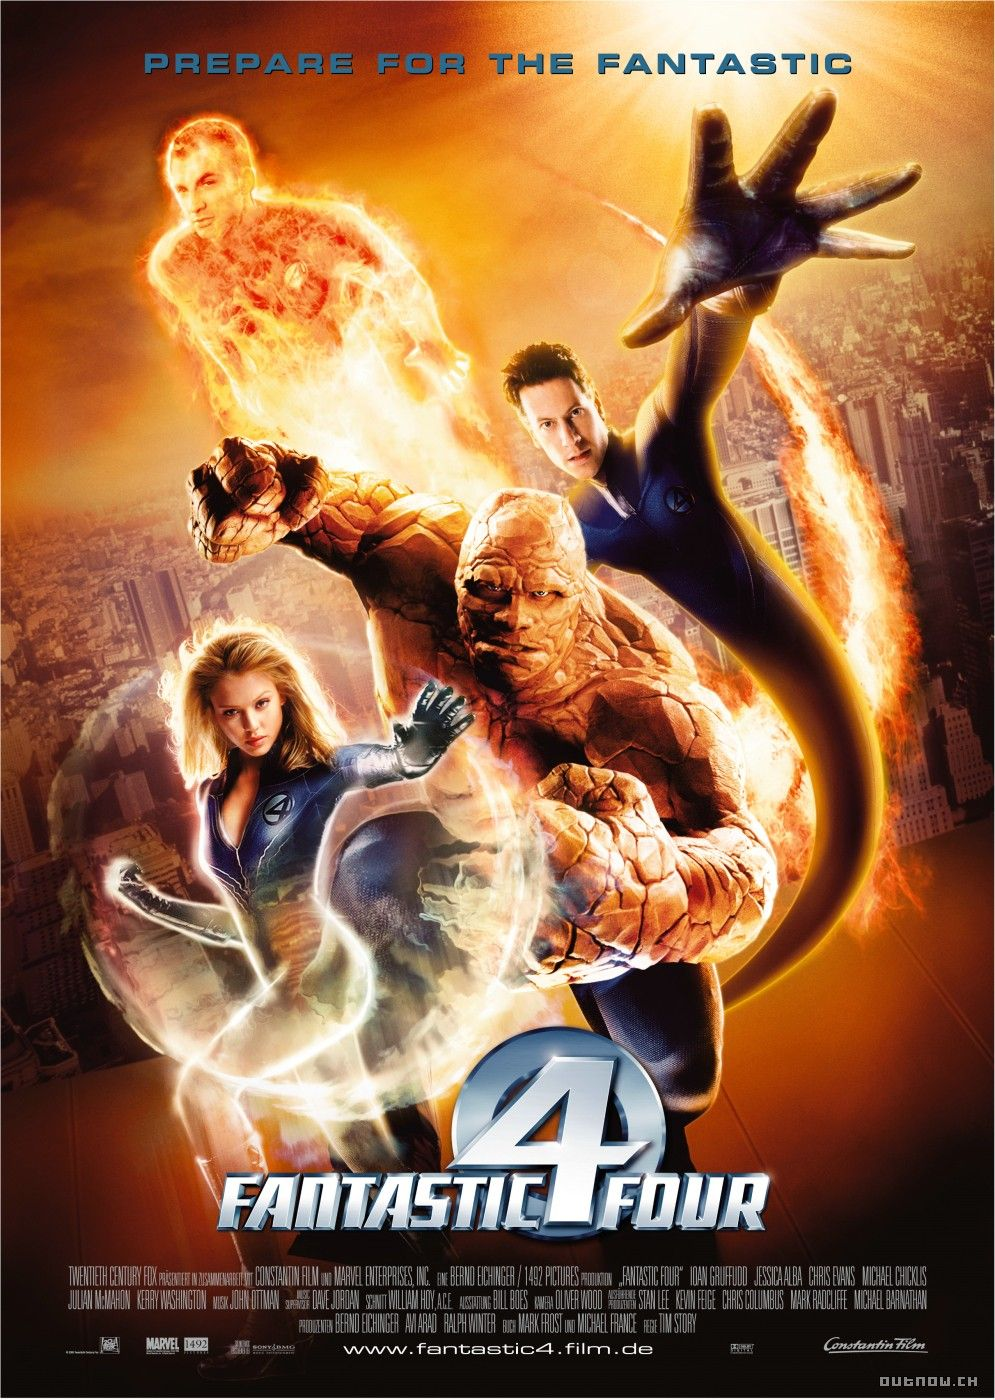 Fantastic Four 2005 Artwork Filmes Online Legendados Online Gratis Filmes